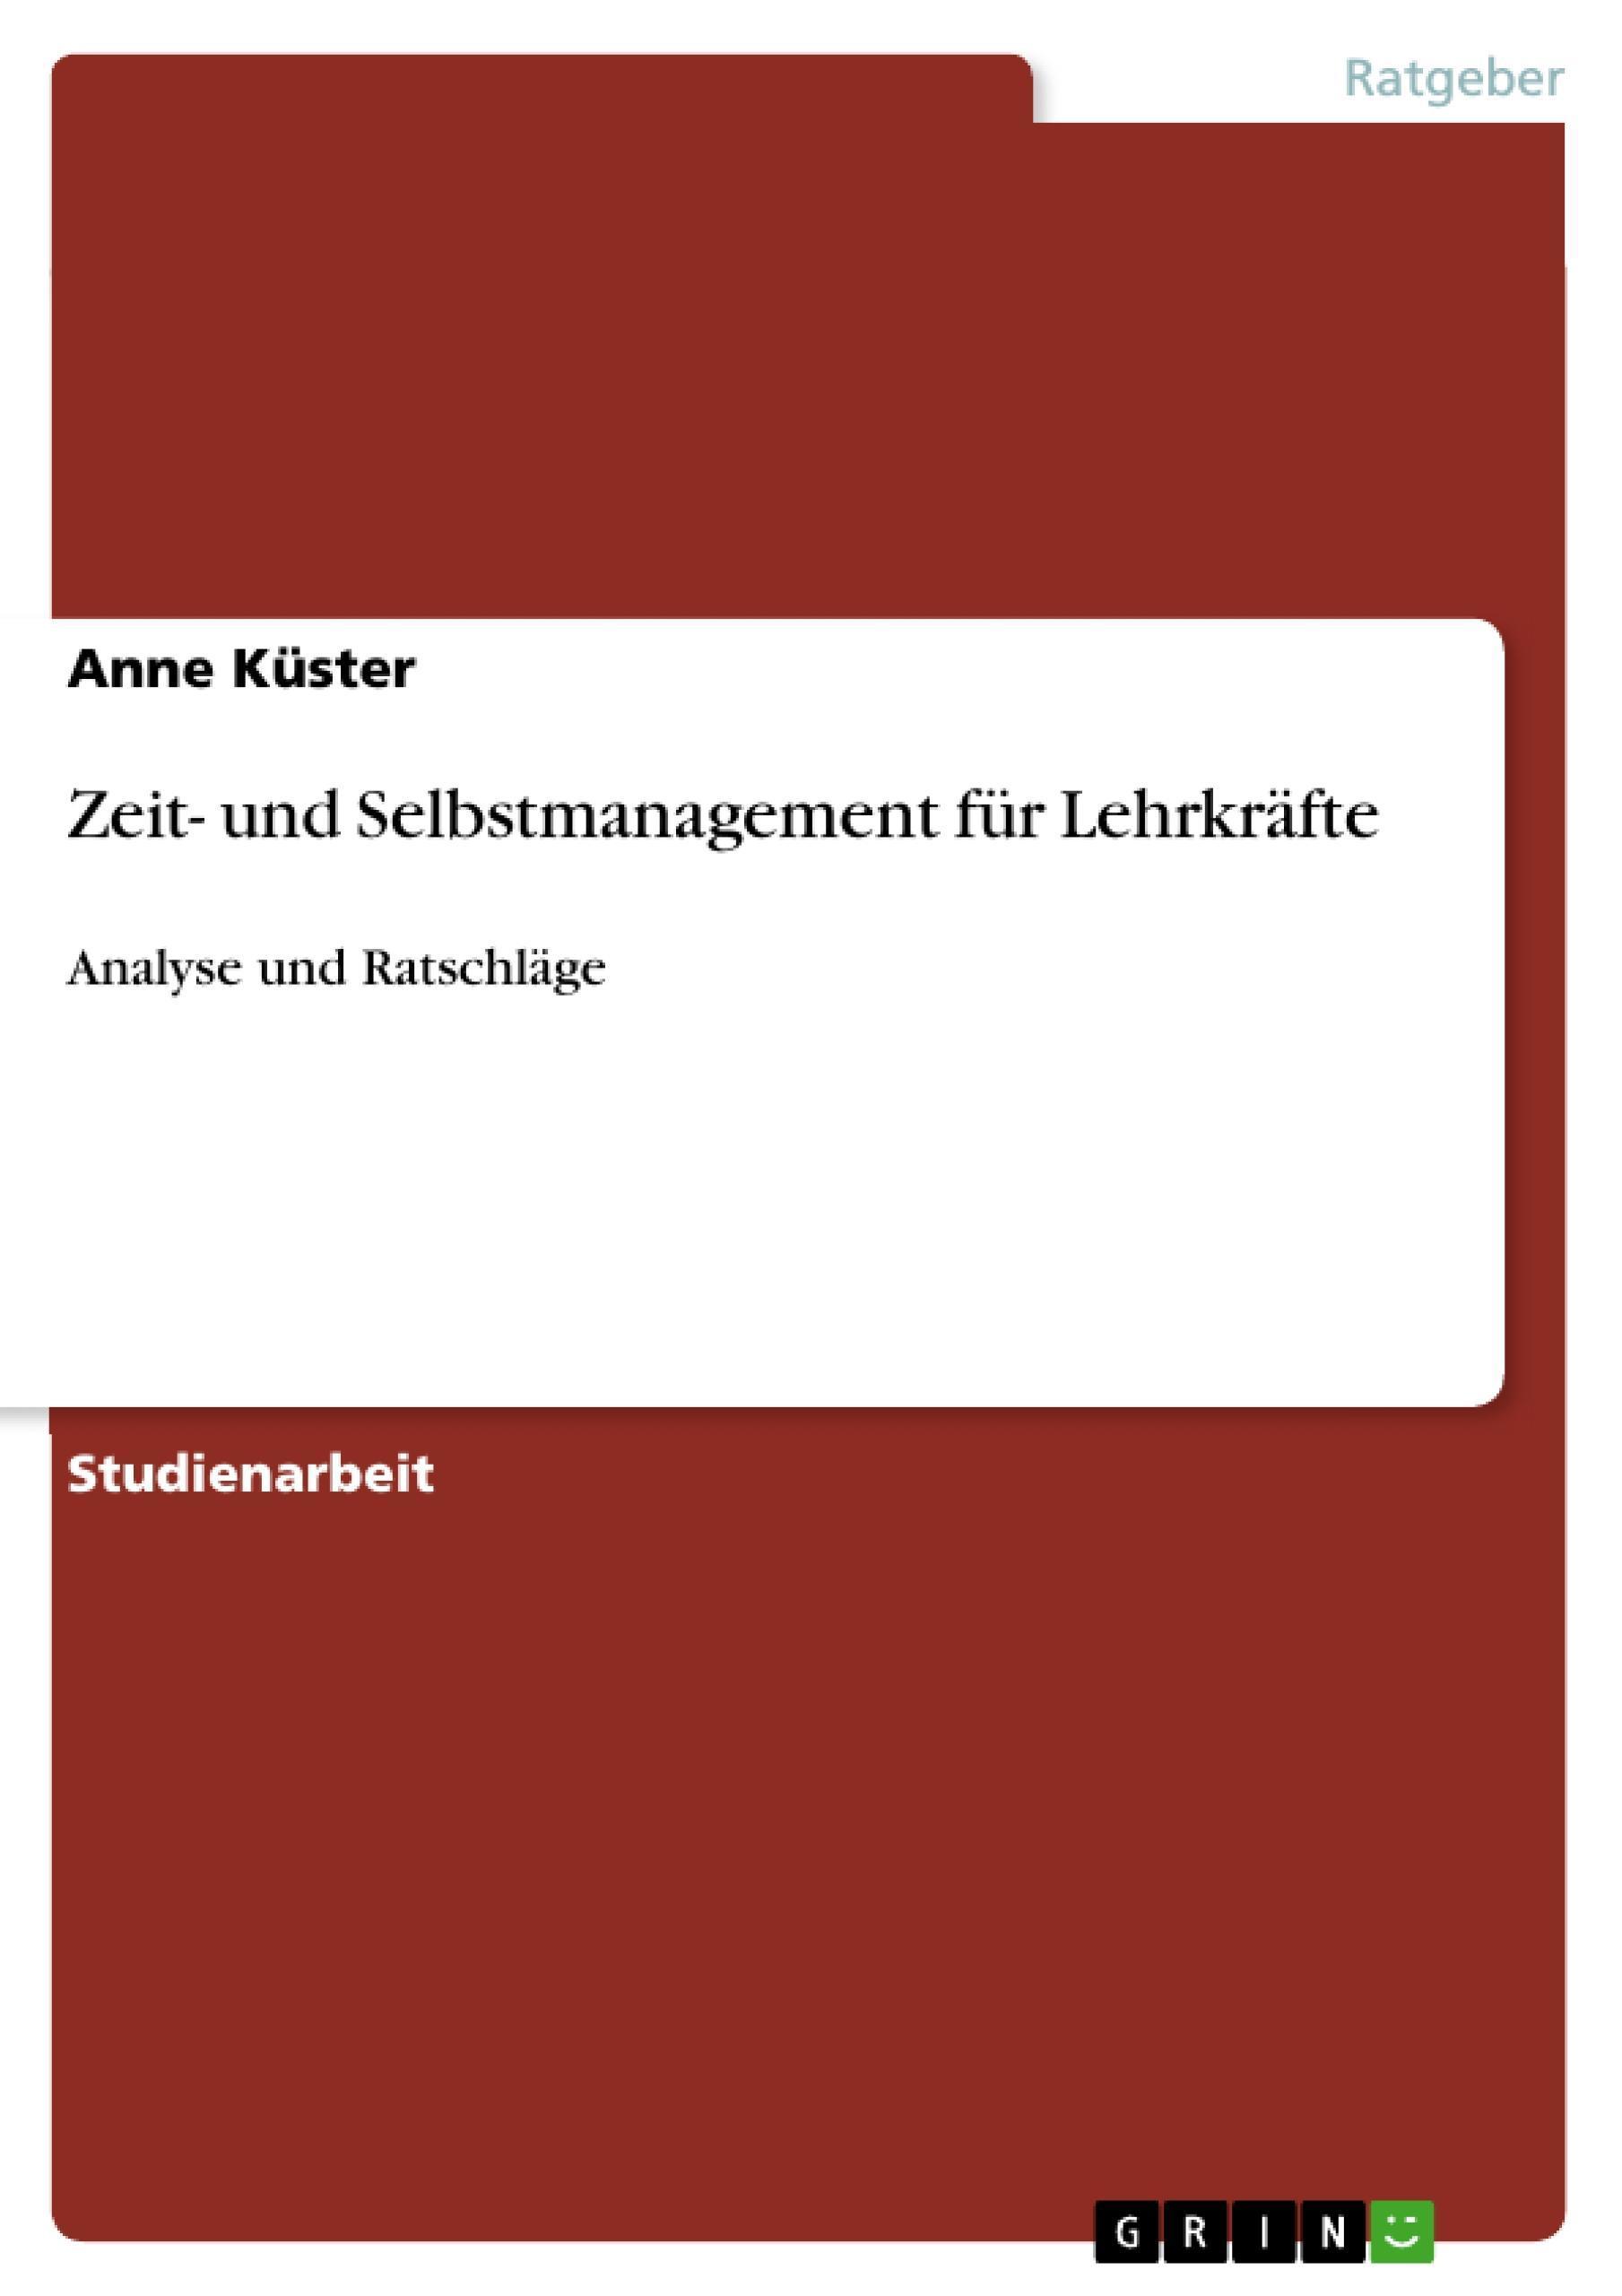 Zeit- und Selbstmanagement für Lehrkräfte Anne Küster